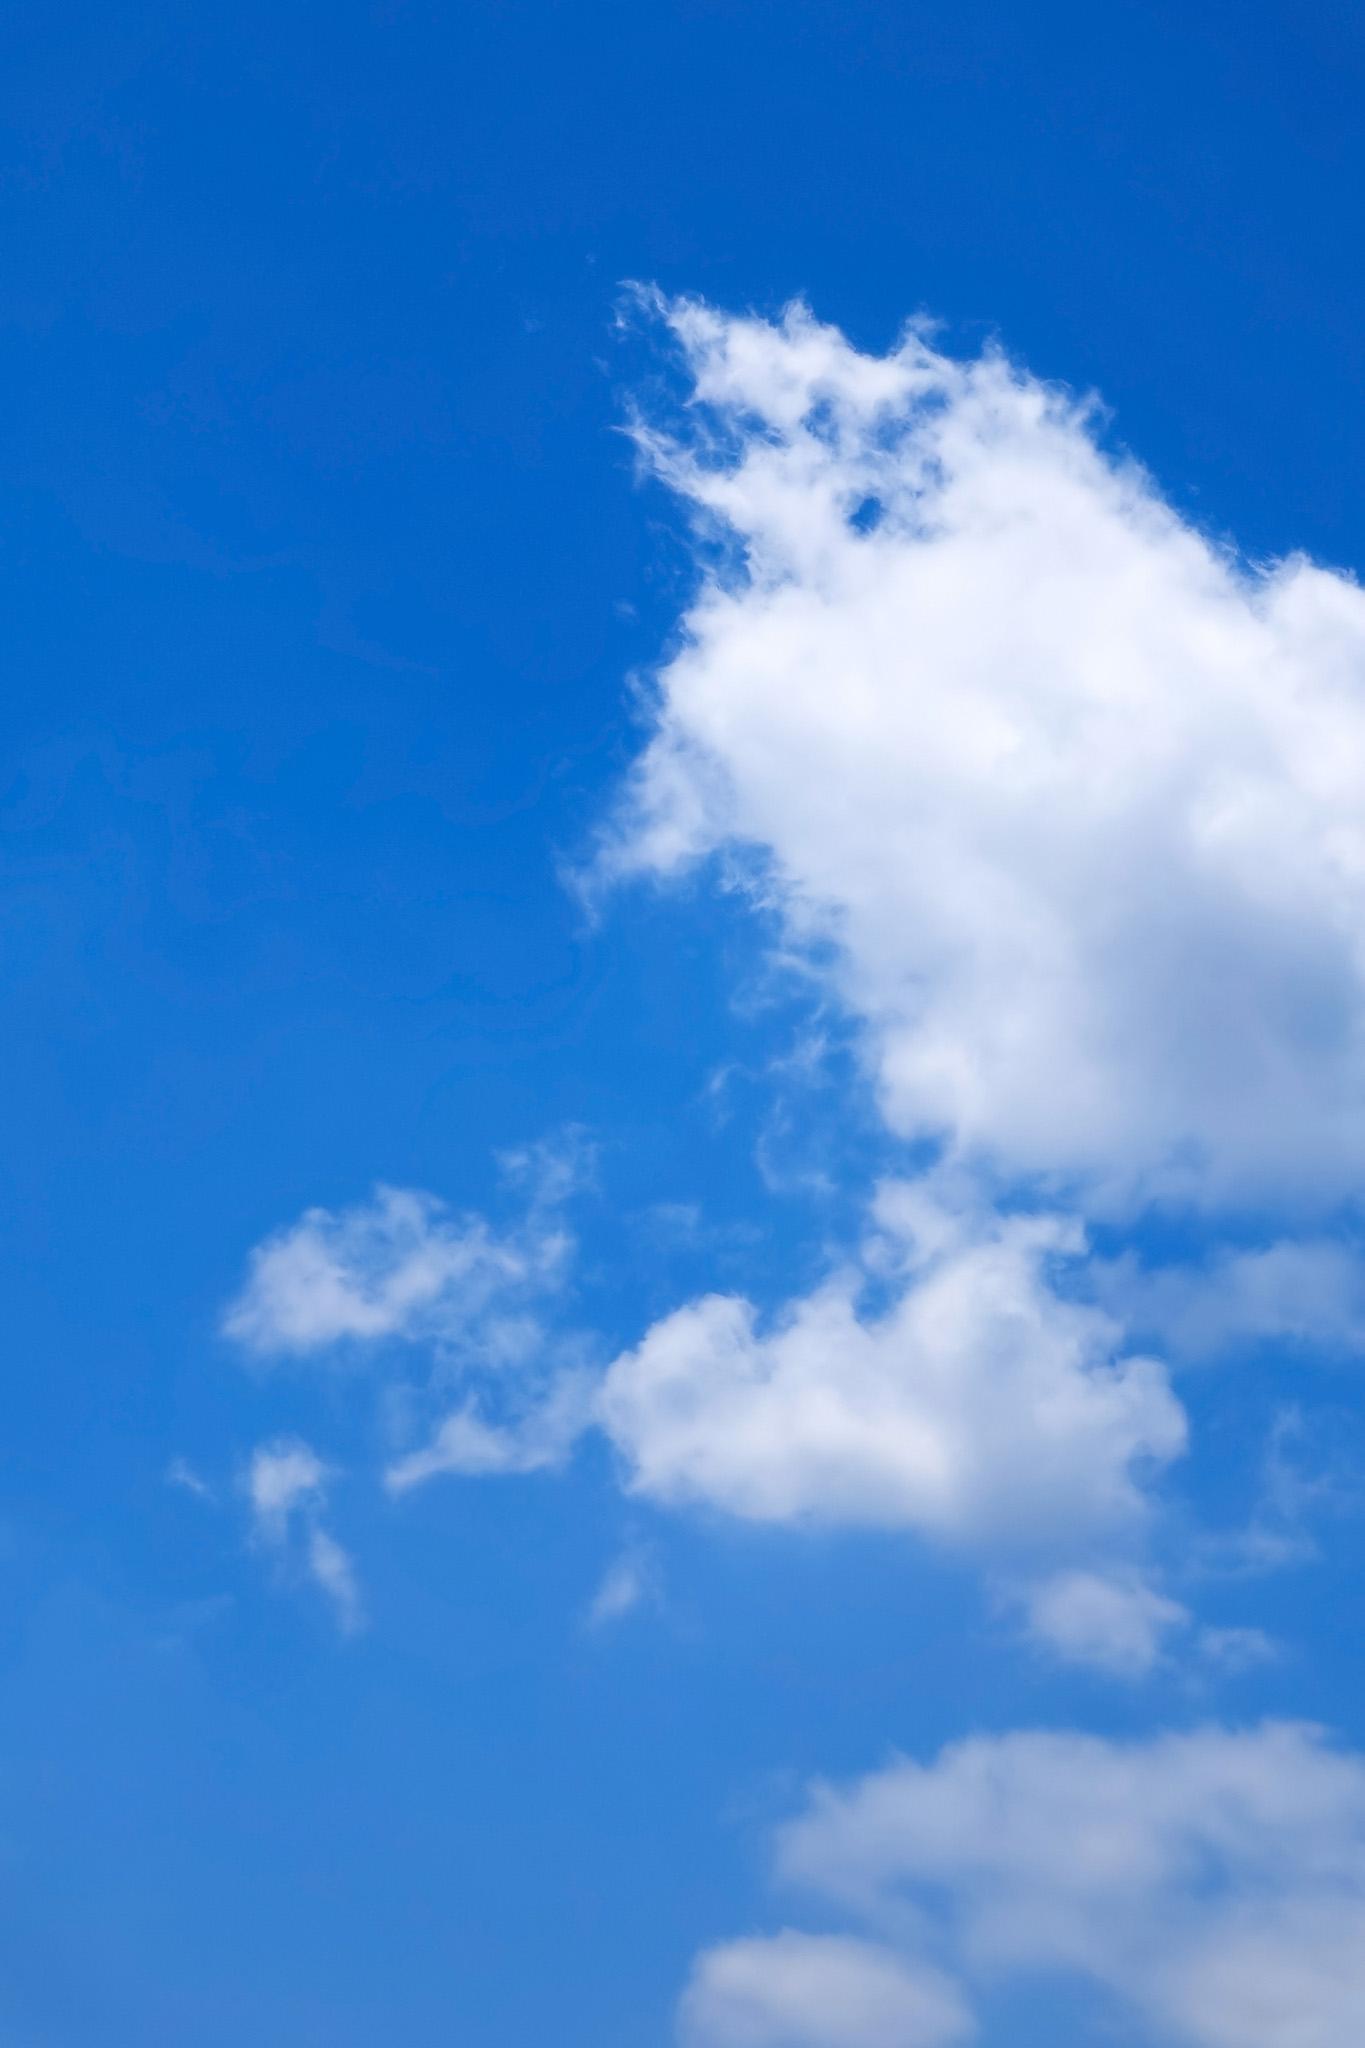 「綿の様な雲と心地よい青空」